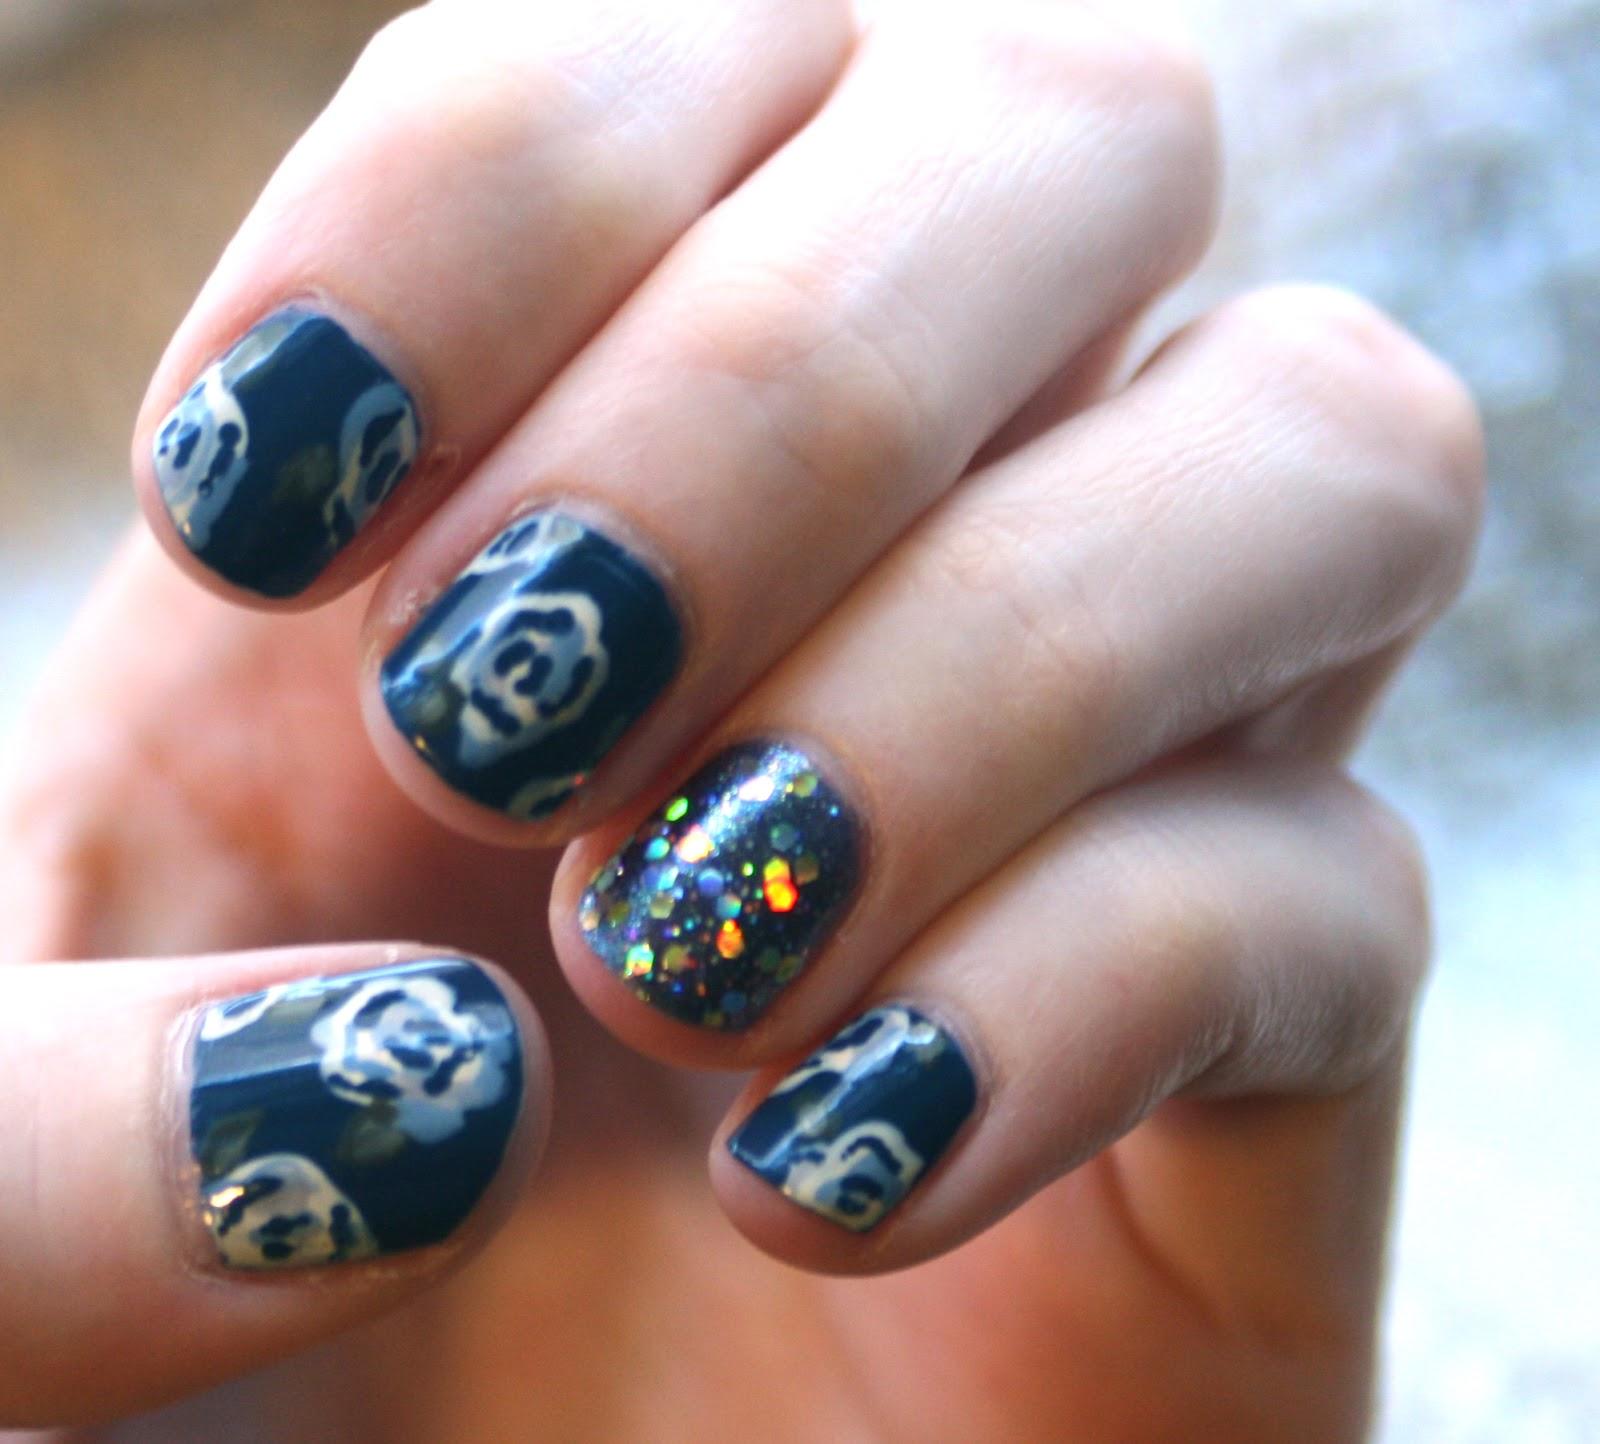 Nail Art Blue Floral: Evlady: Nail Art